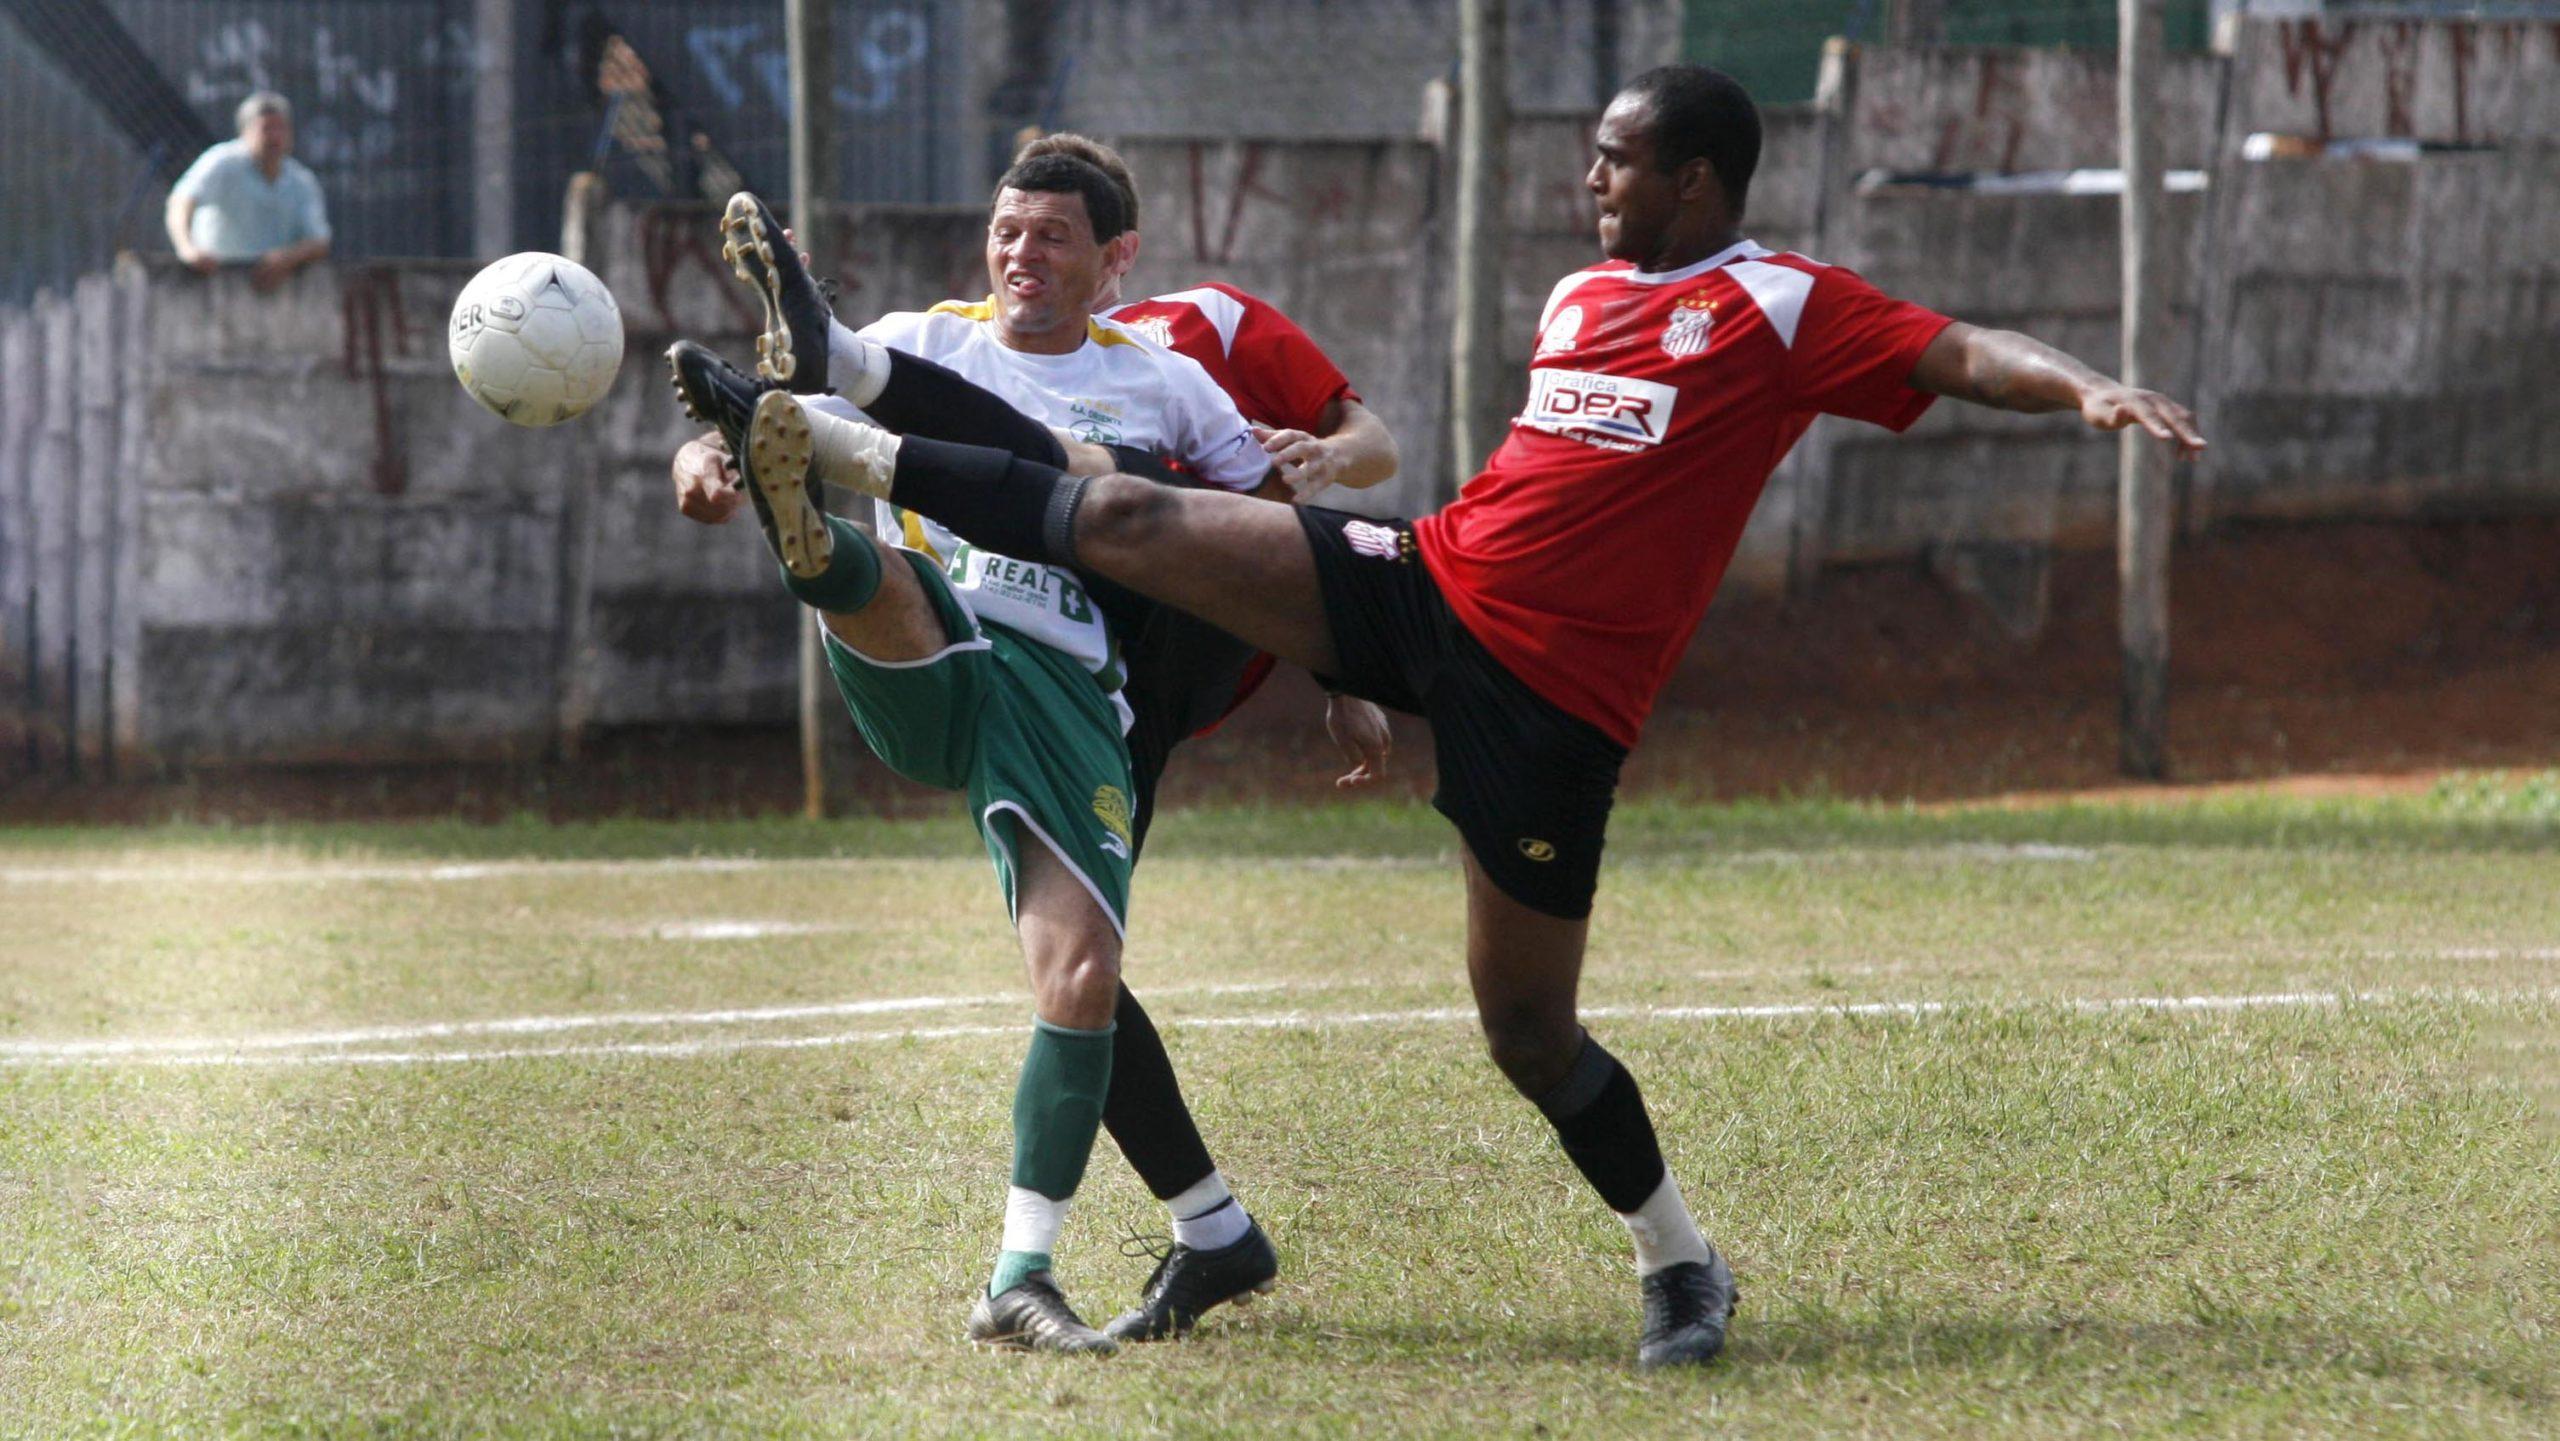 Eu e o Futebol, dois jogadores disputando a bola